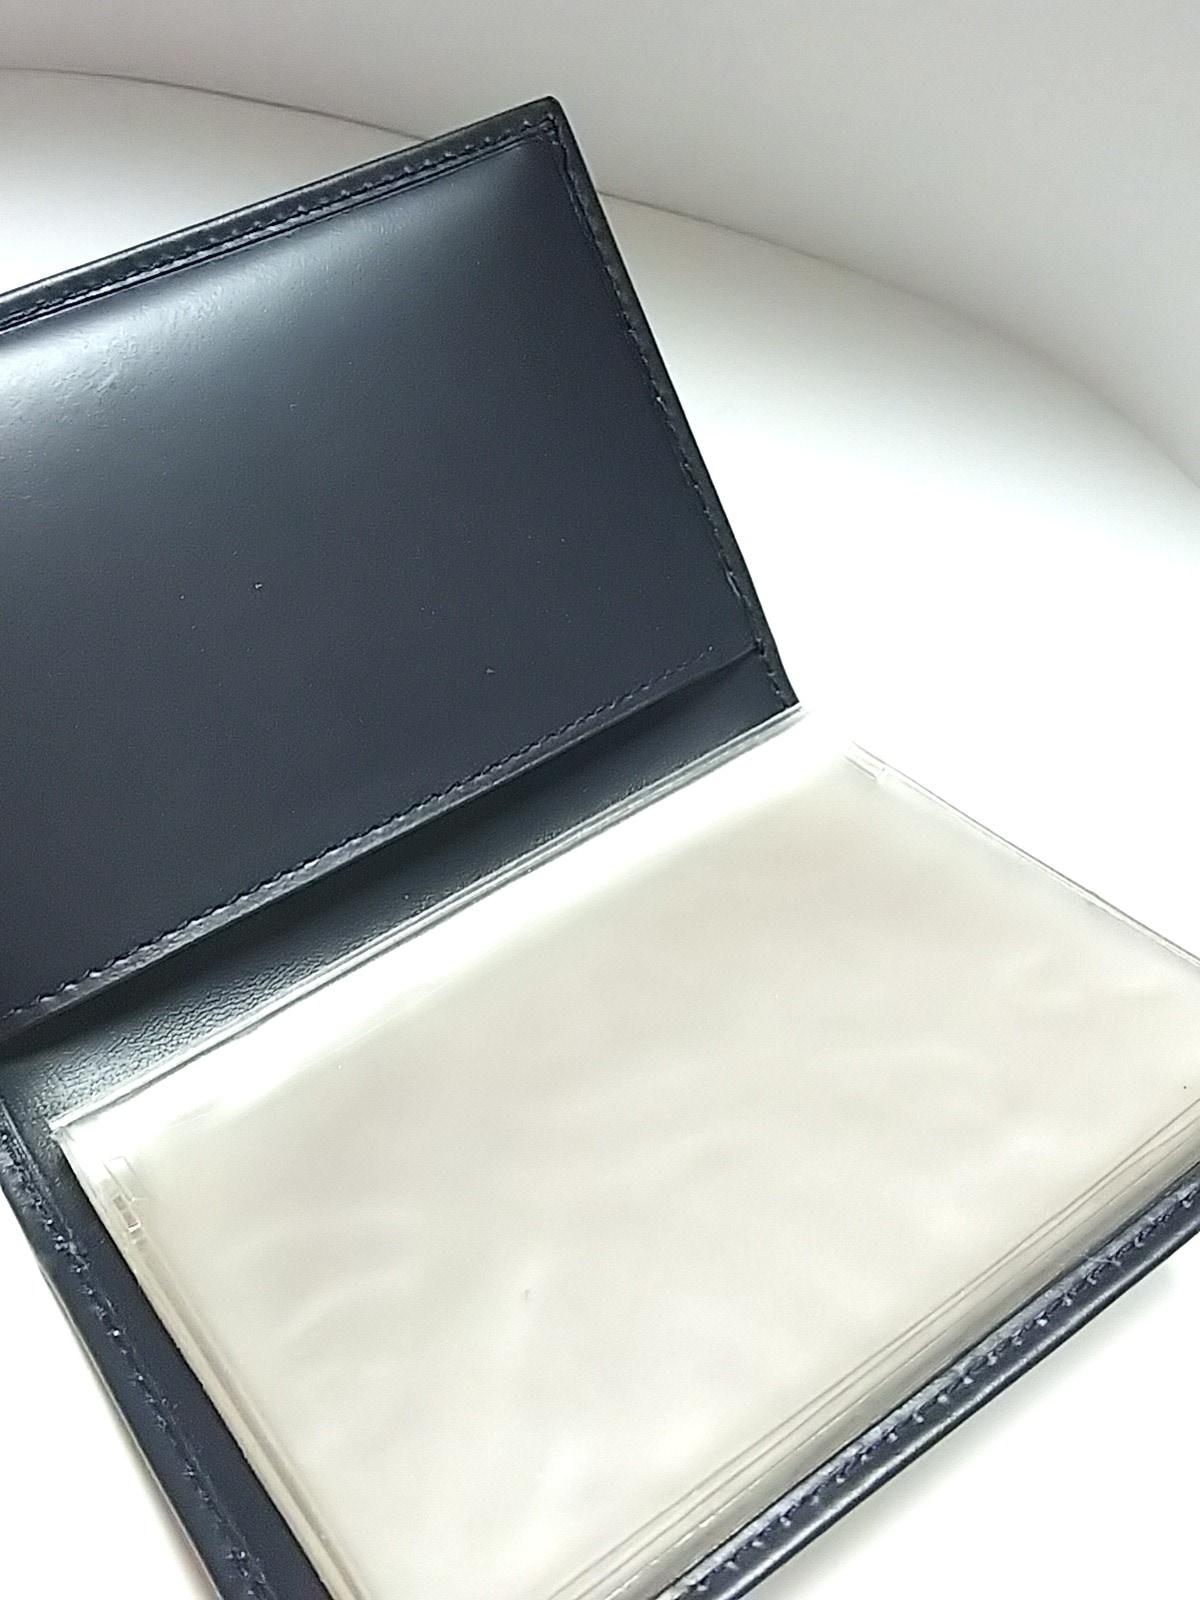 ICEBERG(アイスバーグ)のカードケース